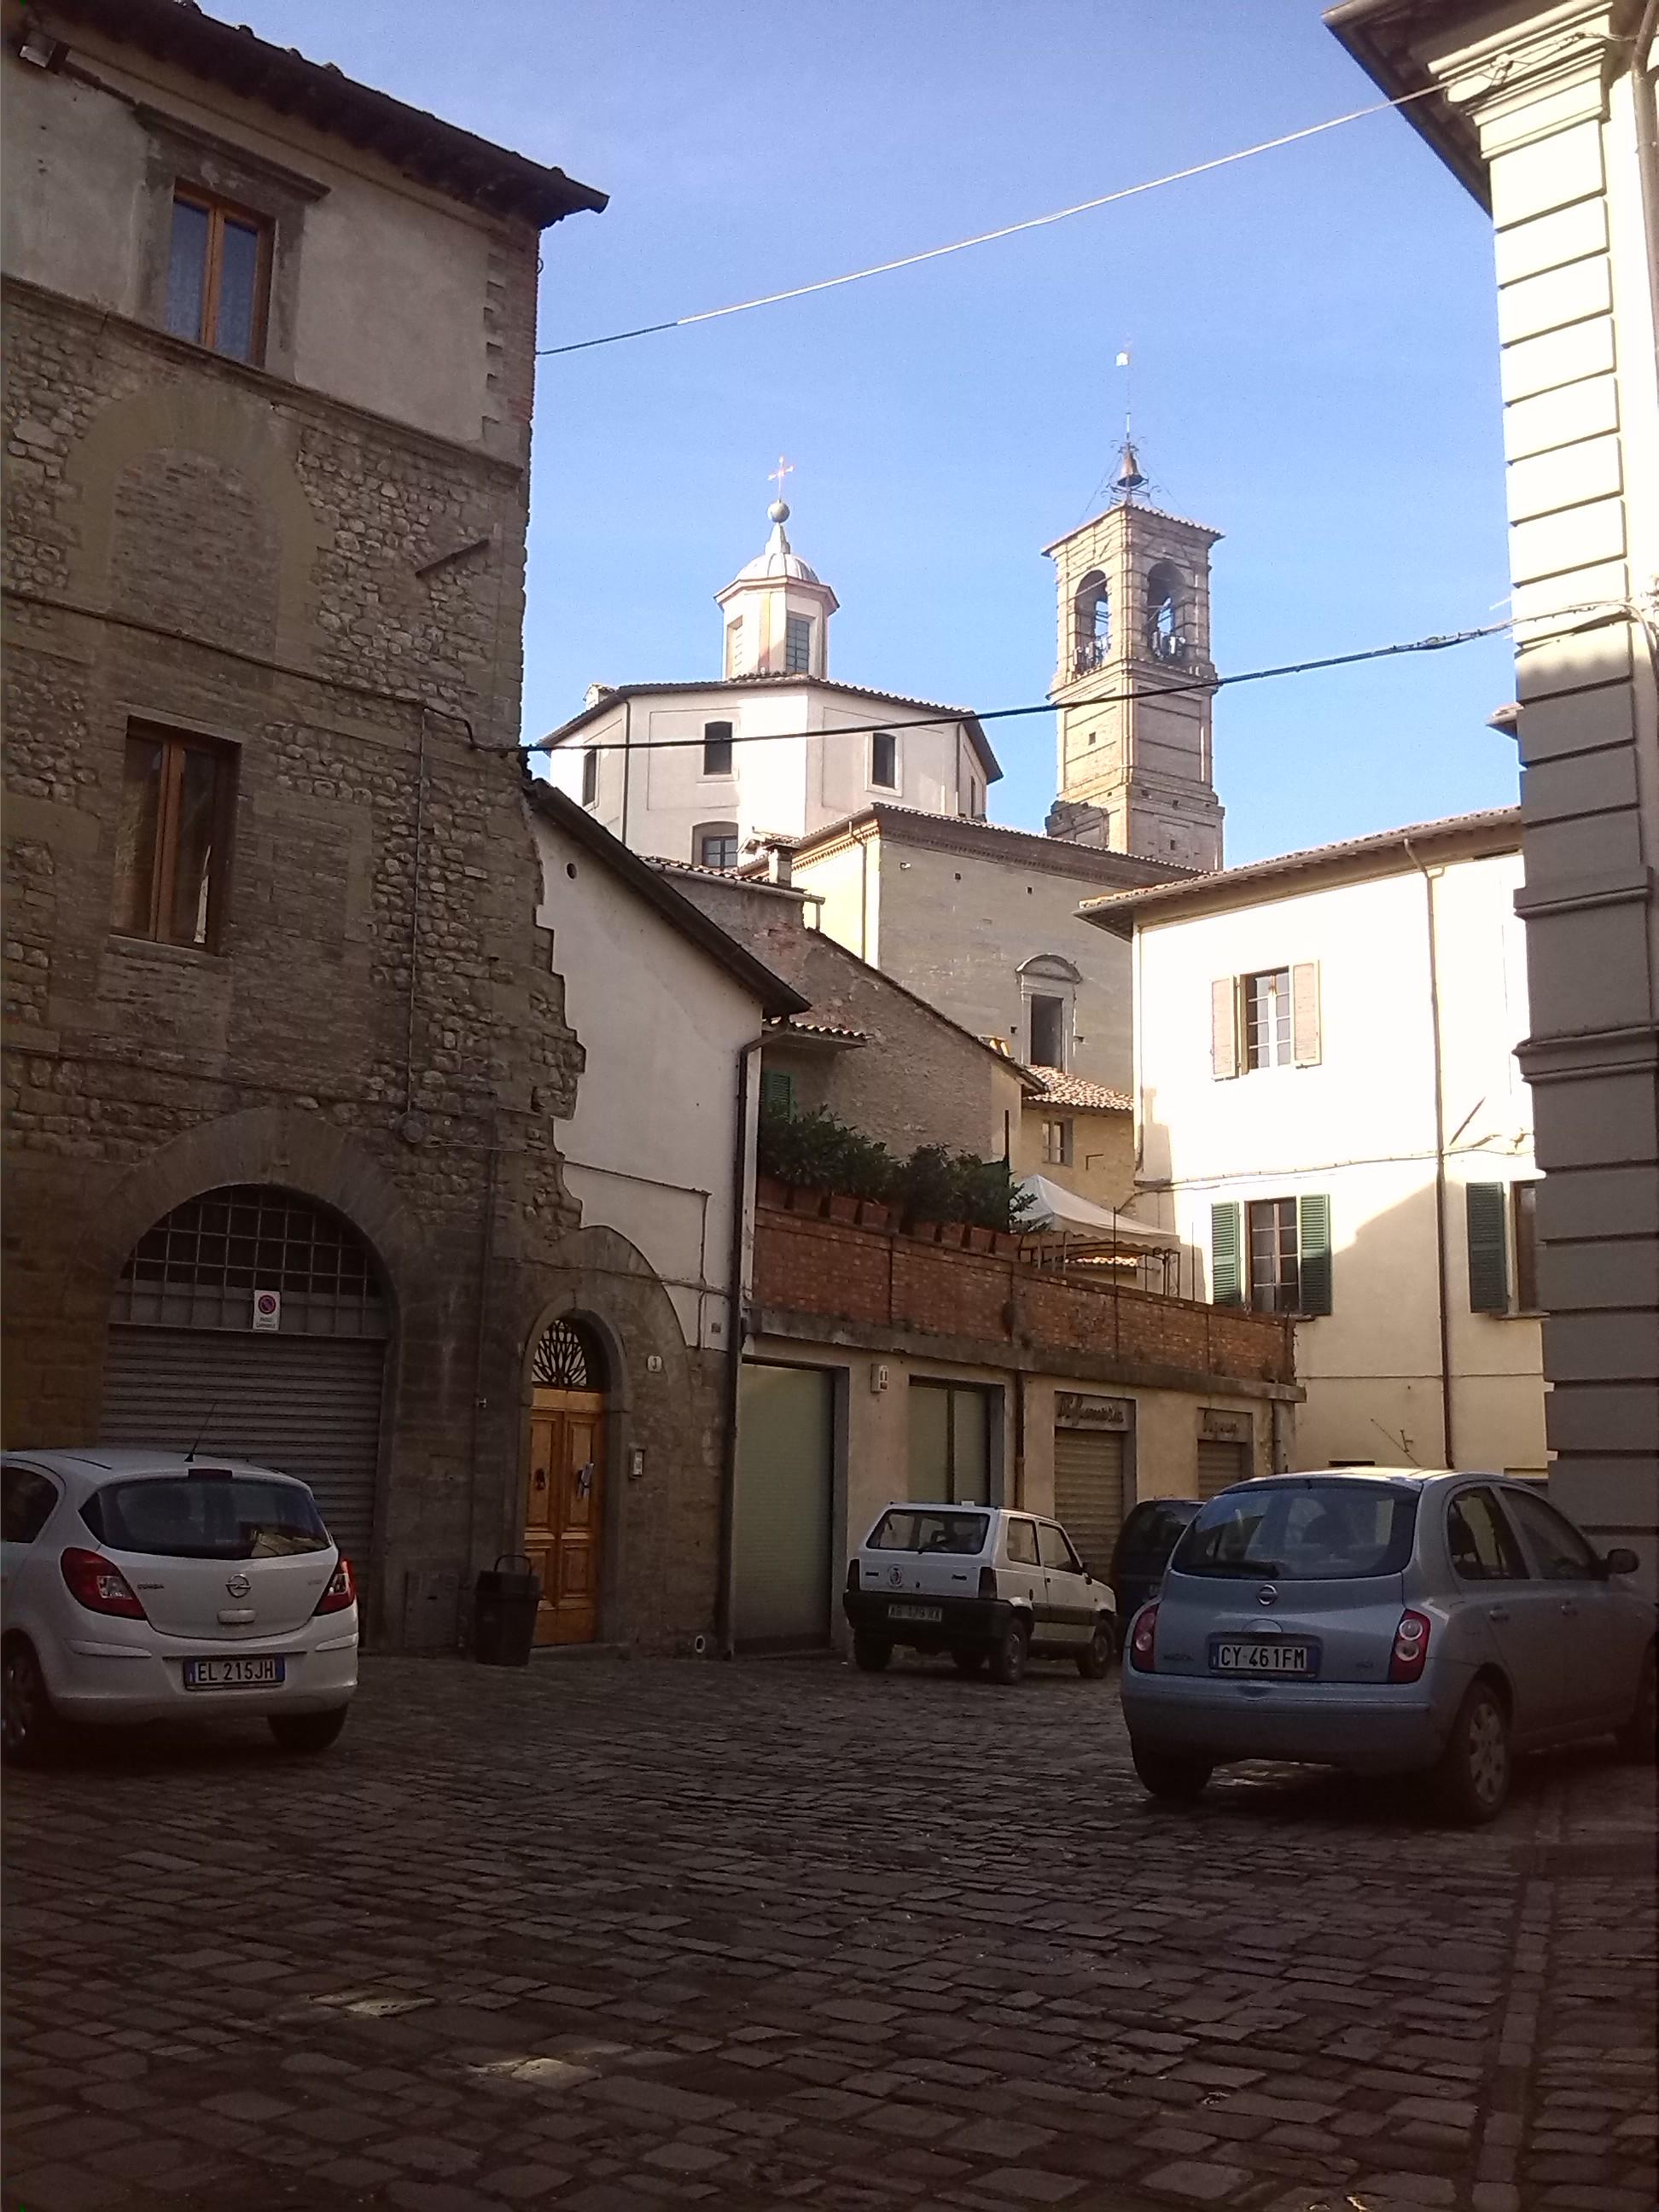 Piazza dell'Incontro tra S. Francesco e S. Bonaventura